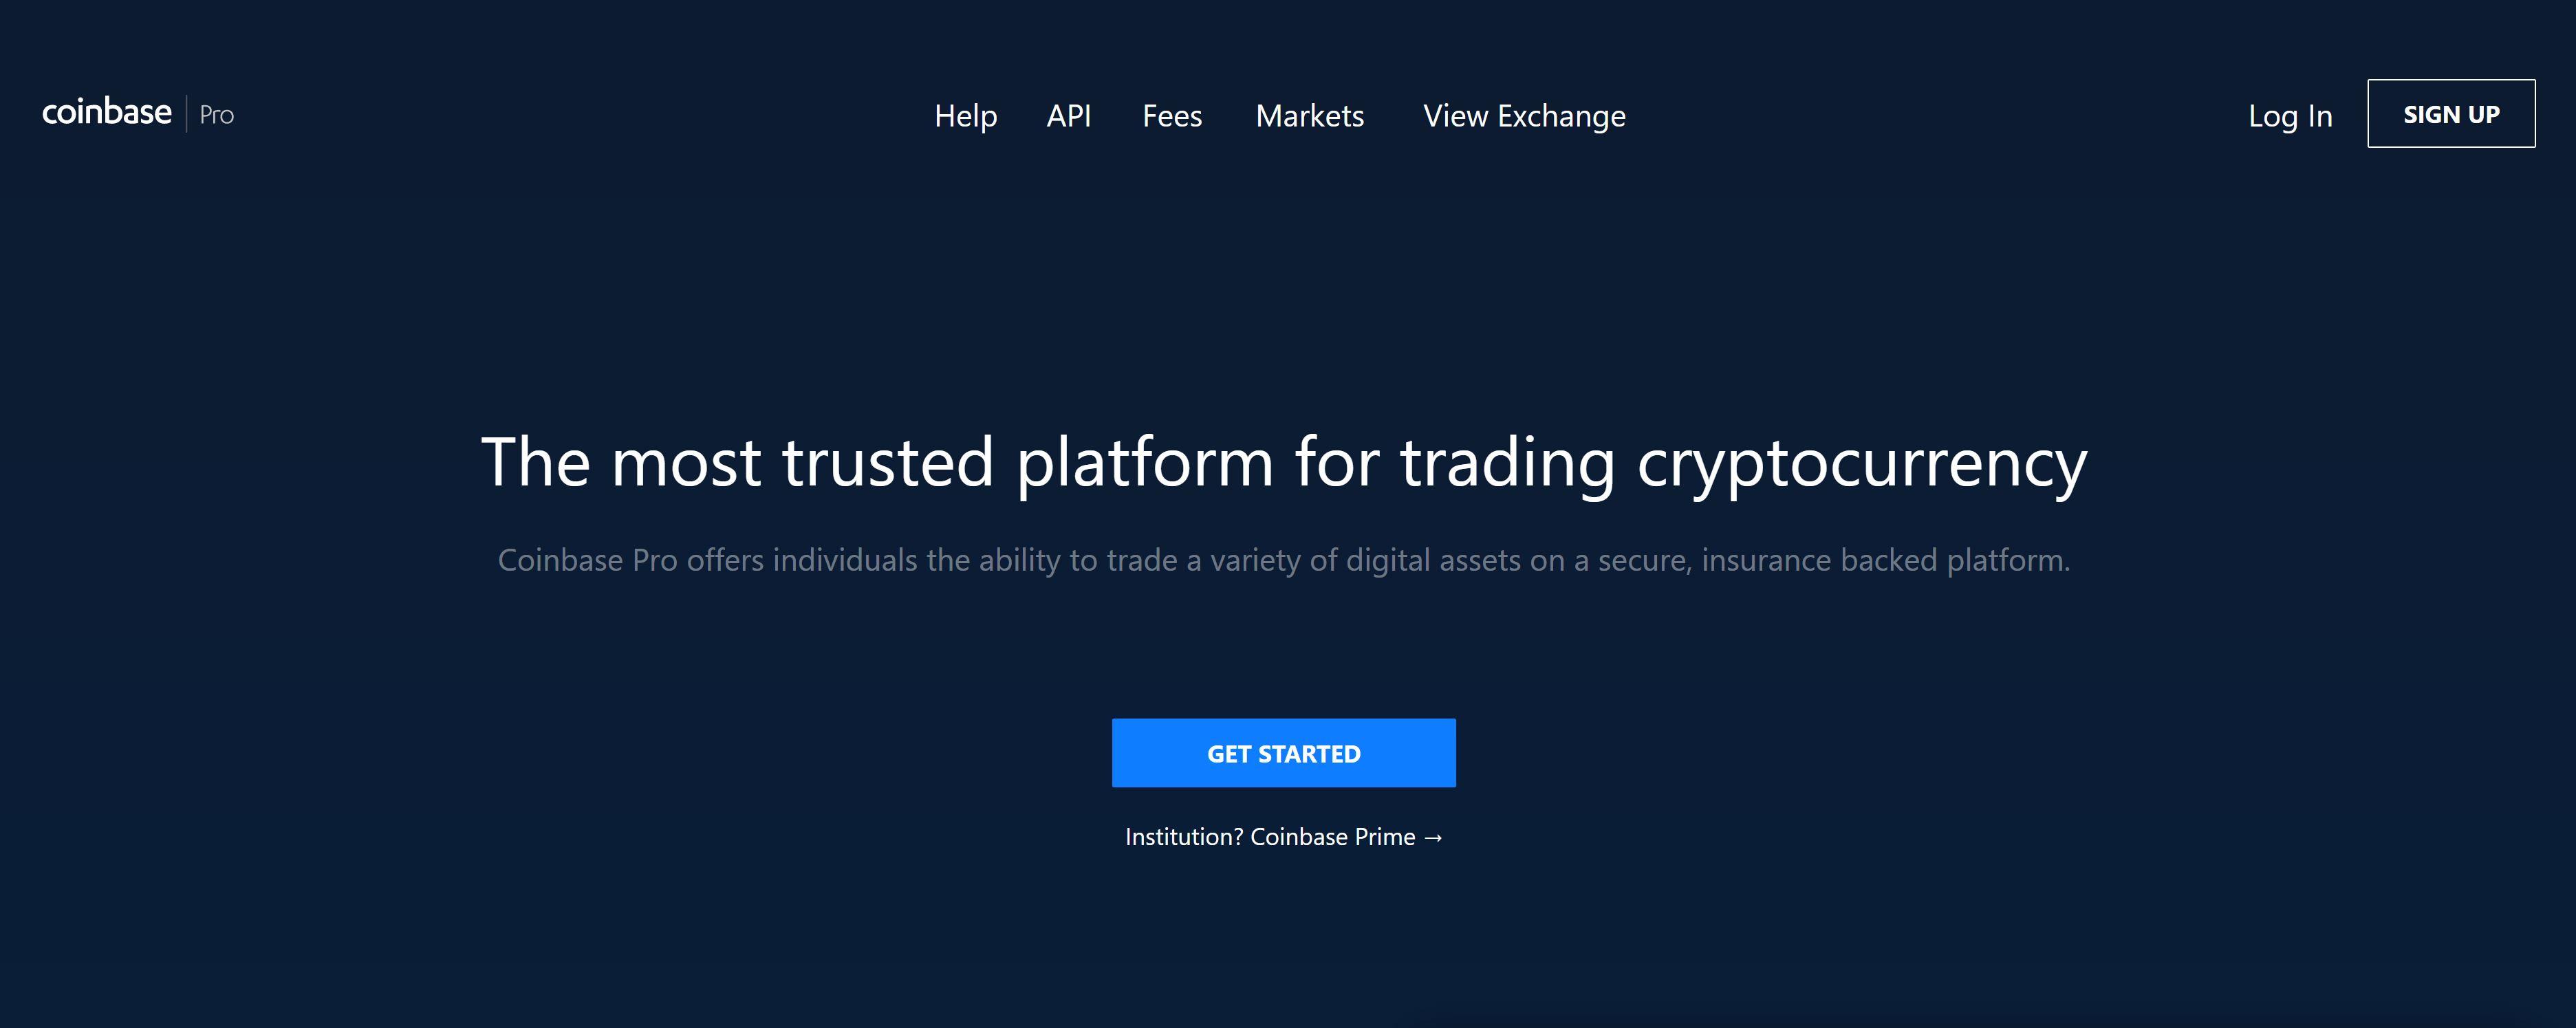 Sito Web e logo di Coinbase Pro